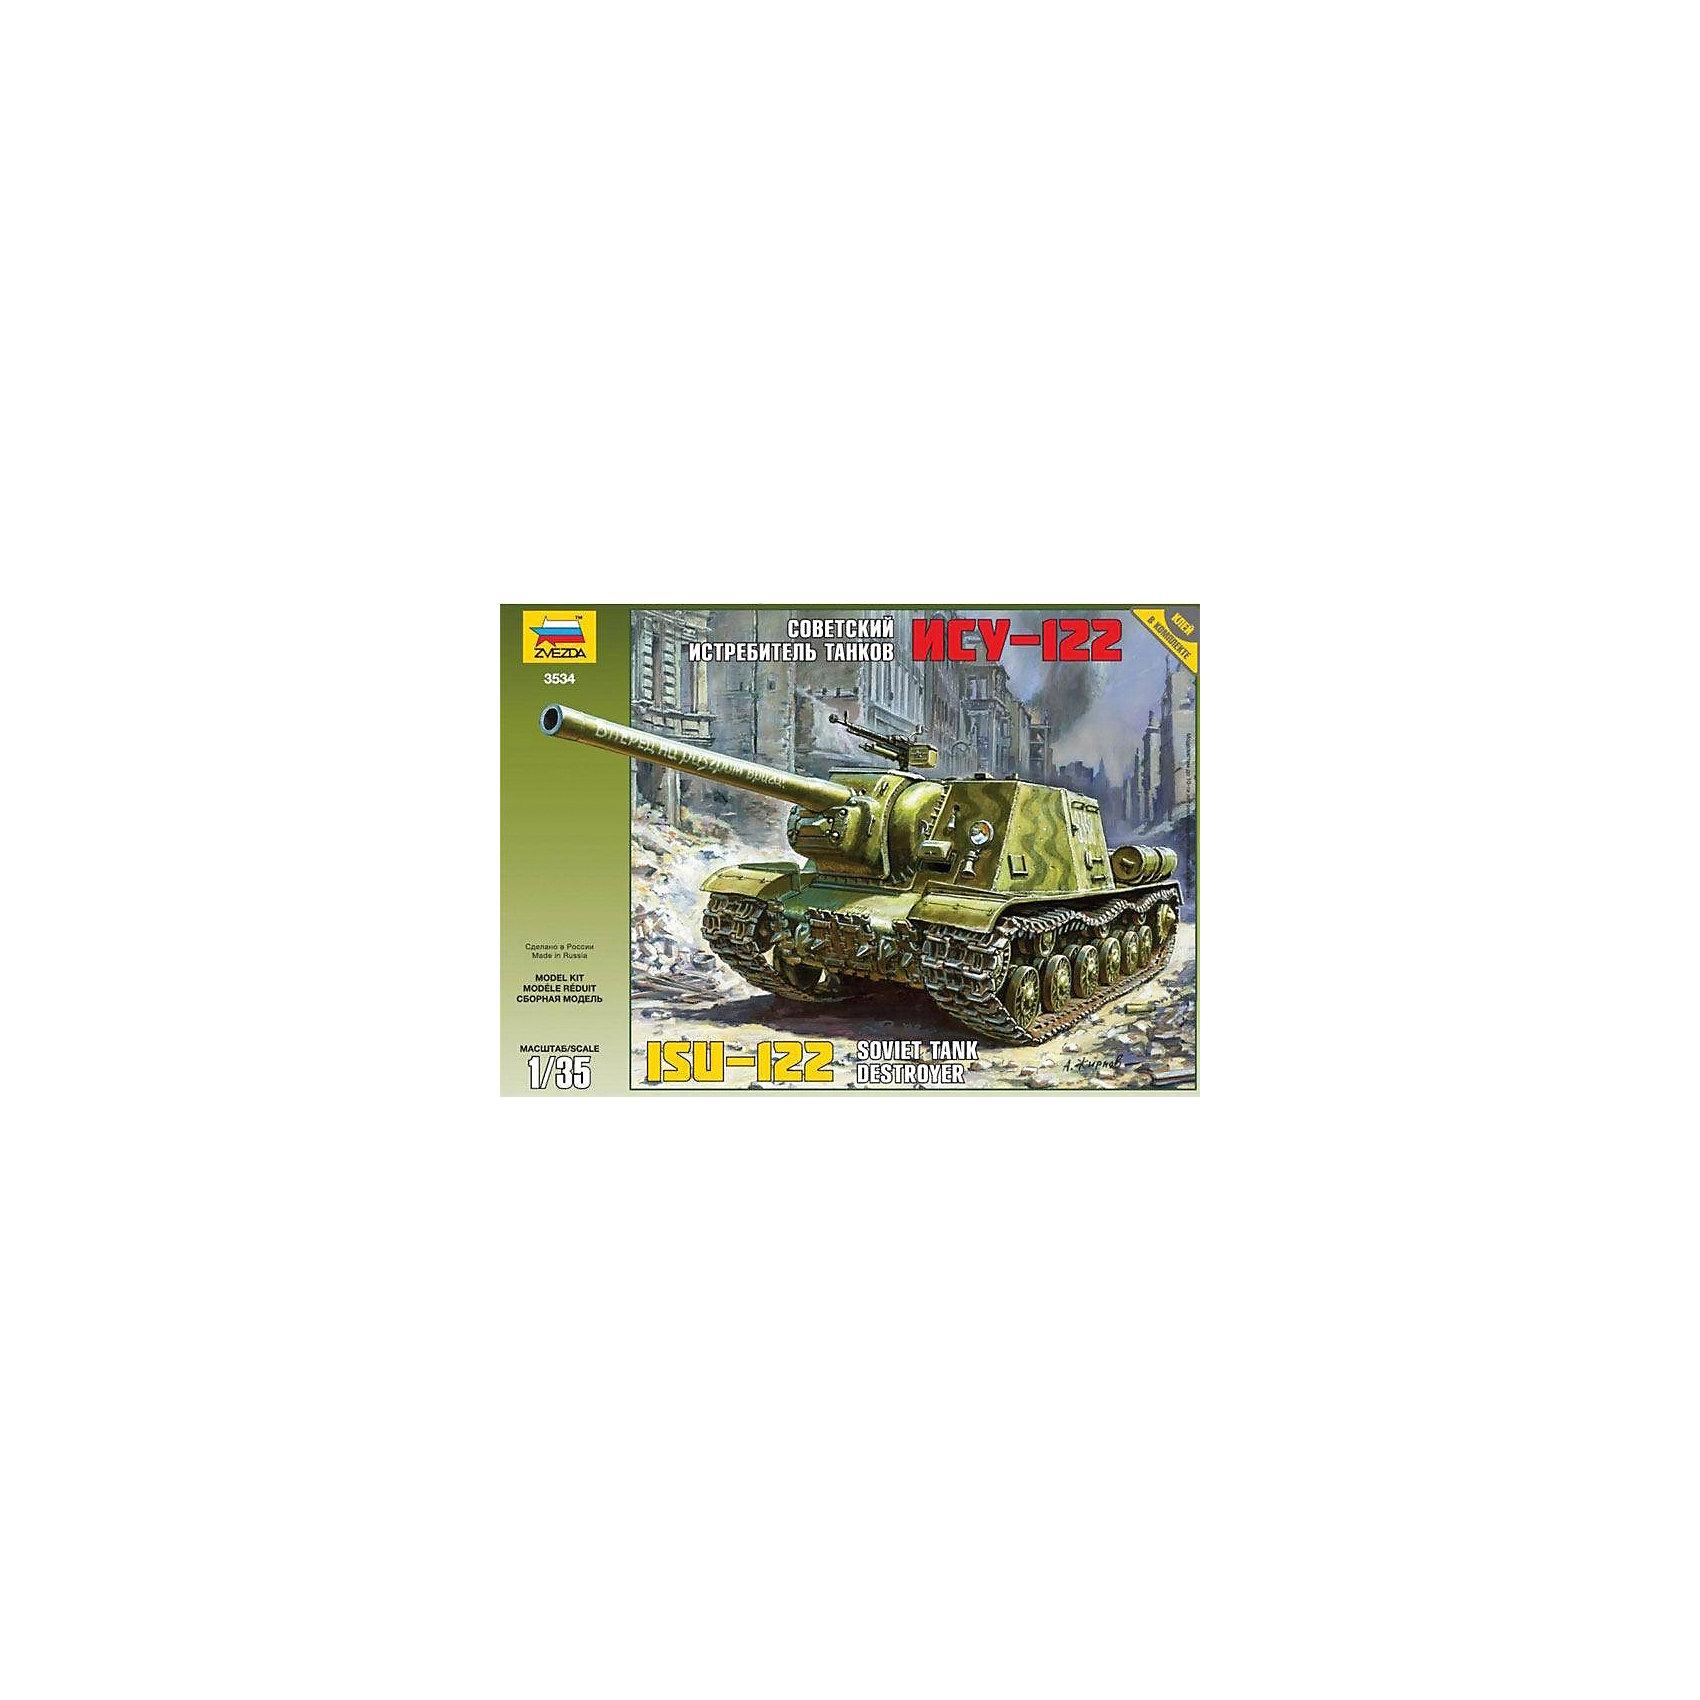 Сборная модель Звезда Советский истребитель танков ИСУ-122, 1:35Модели для склеивания<br>Модель сборная Советский истребитель танков ИСУ-122<br><br>Ширина мм: 242<br>Глубина мм: 345<br>Высота мм: 60<br>Вес г: 230<br>Возраст от месяцев: 36<br>Возраст до месяцев: 180<br>Пол: Мужской<br>Возраст: Детский<br>SKU: 7086396